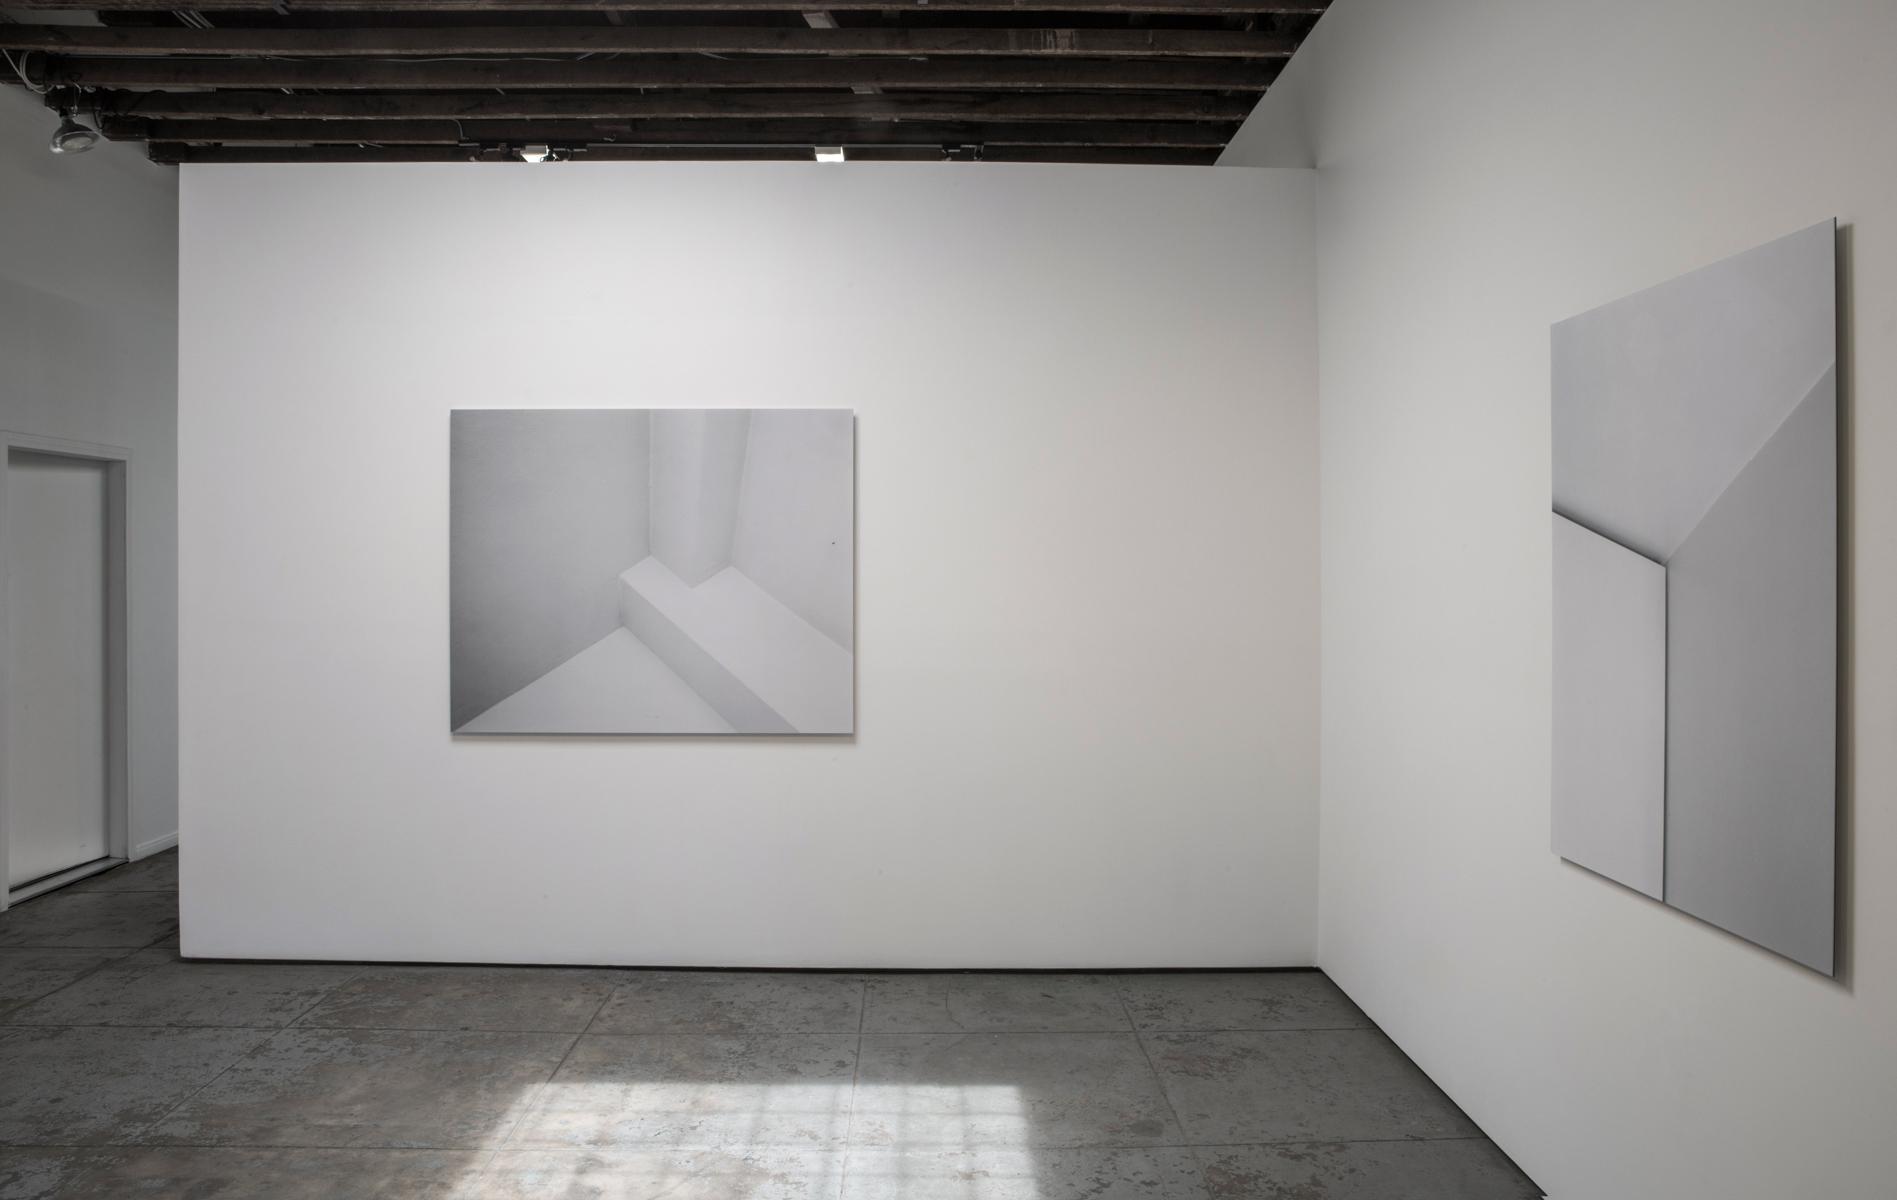 CORNERED, Wilding Cran Gallery, Los Angeles, CA, 2018